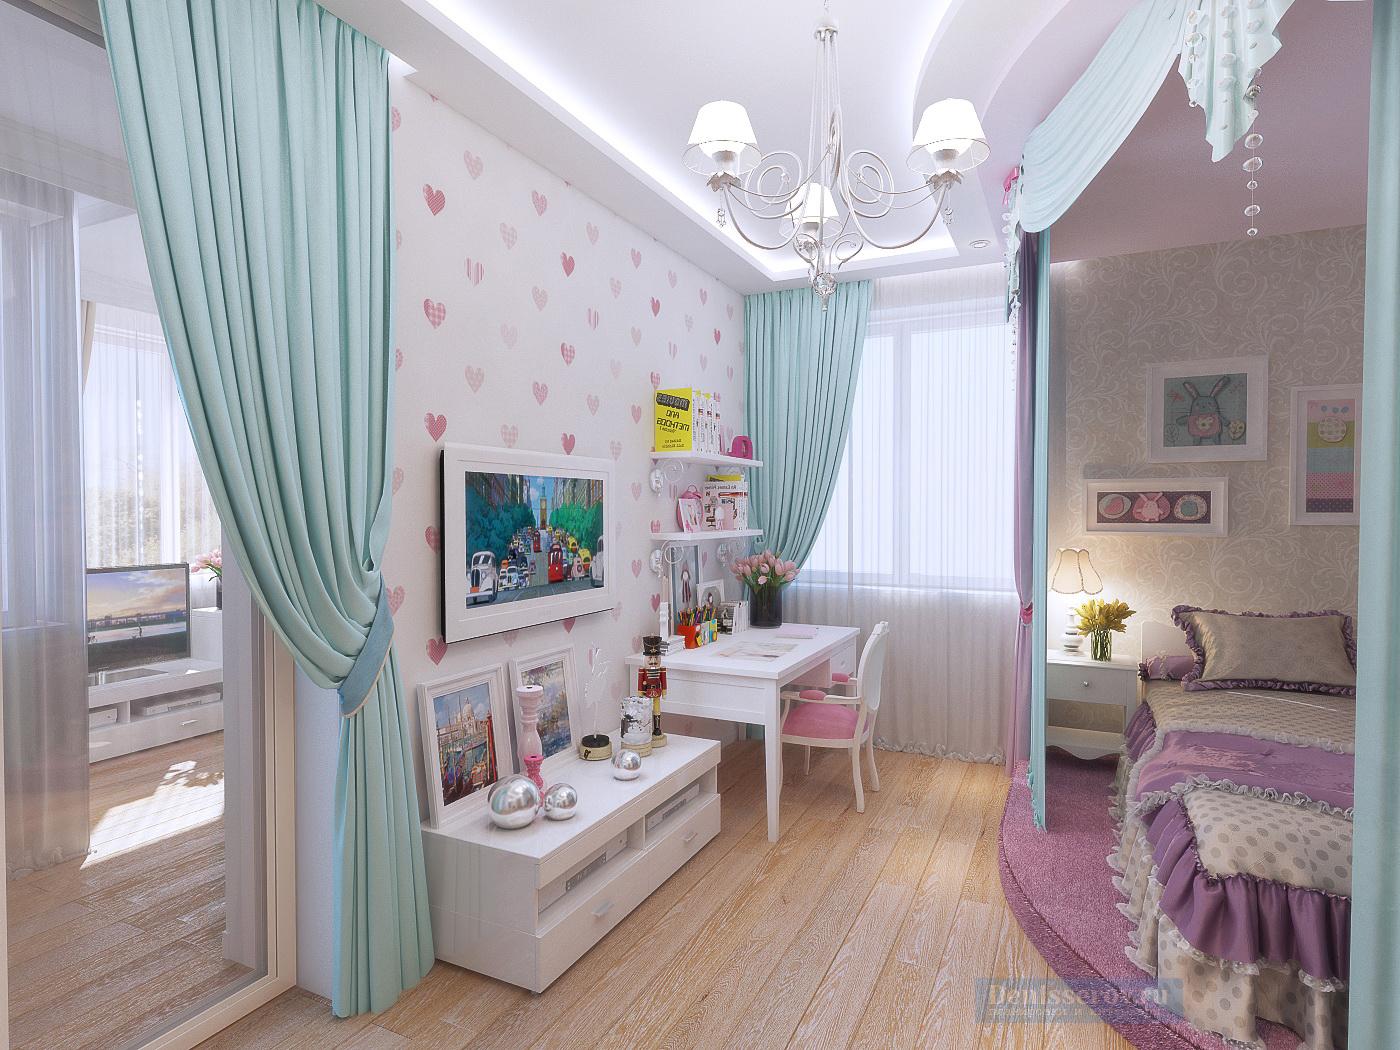 Proekt-dizajn-detskoj-devochki-16-kv-m1-1